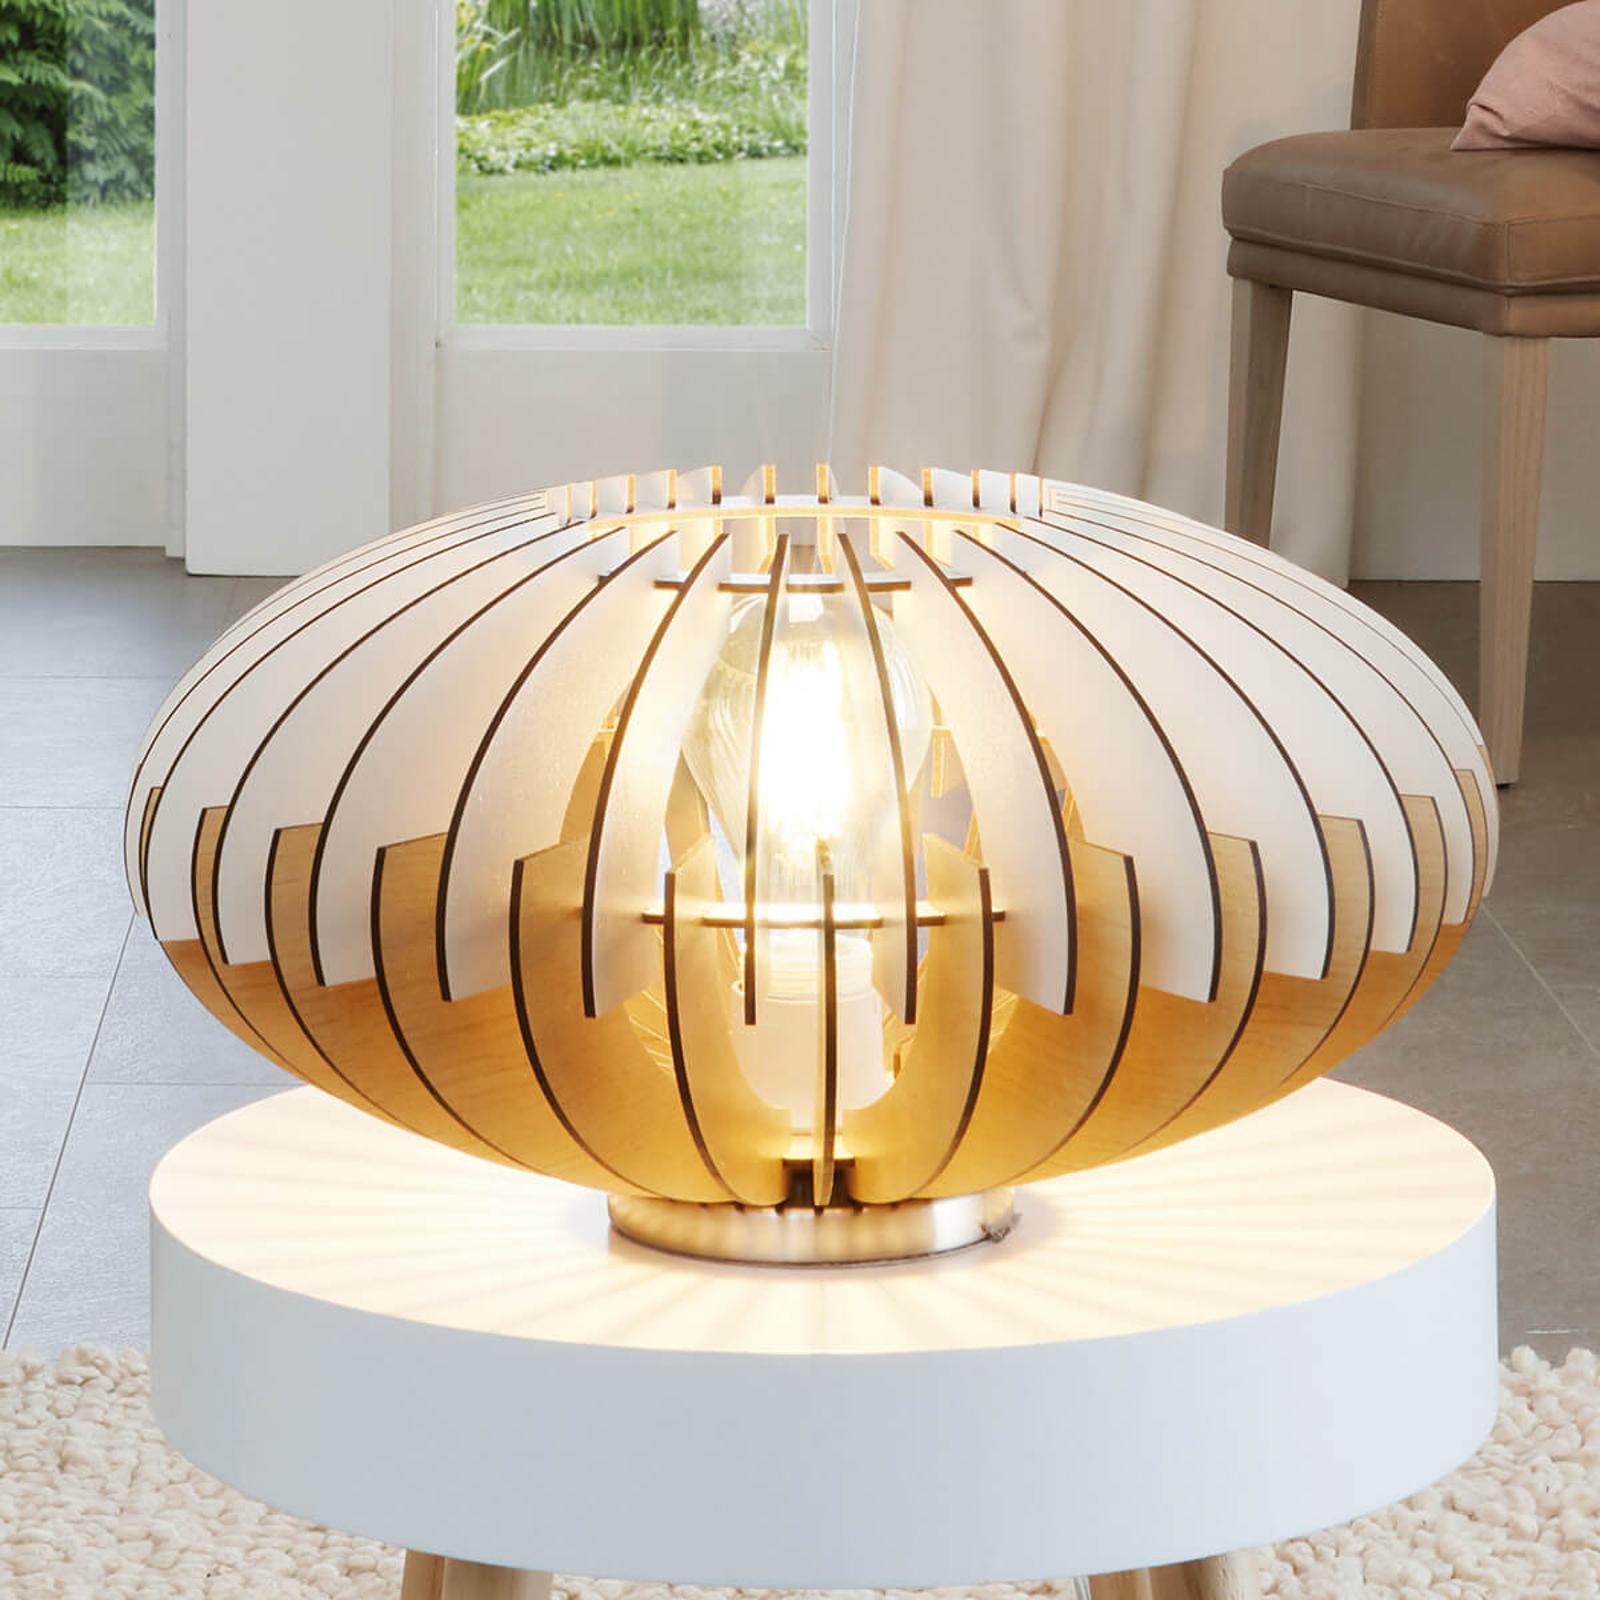 Decorativa lámpara de mesa Sotos de madera